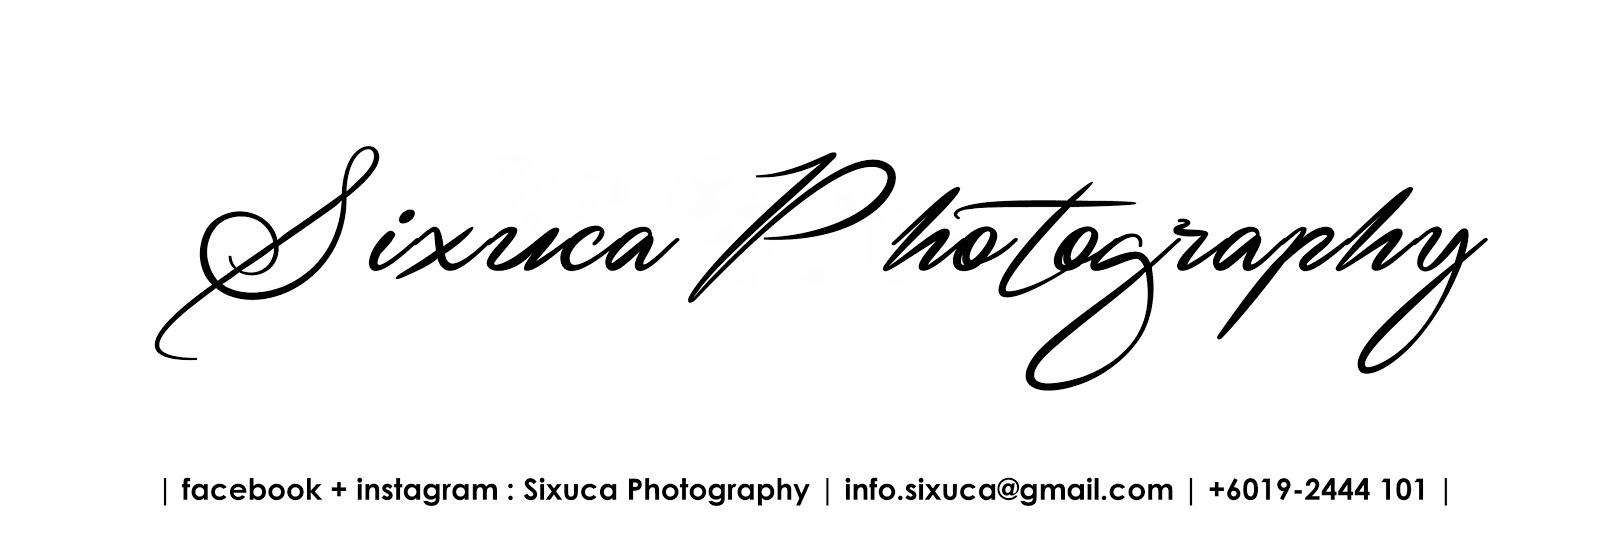 Sixuca Photography